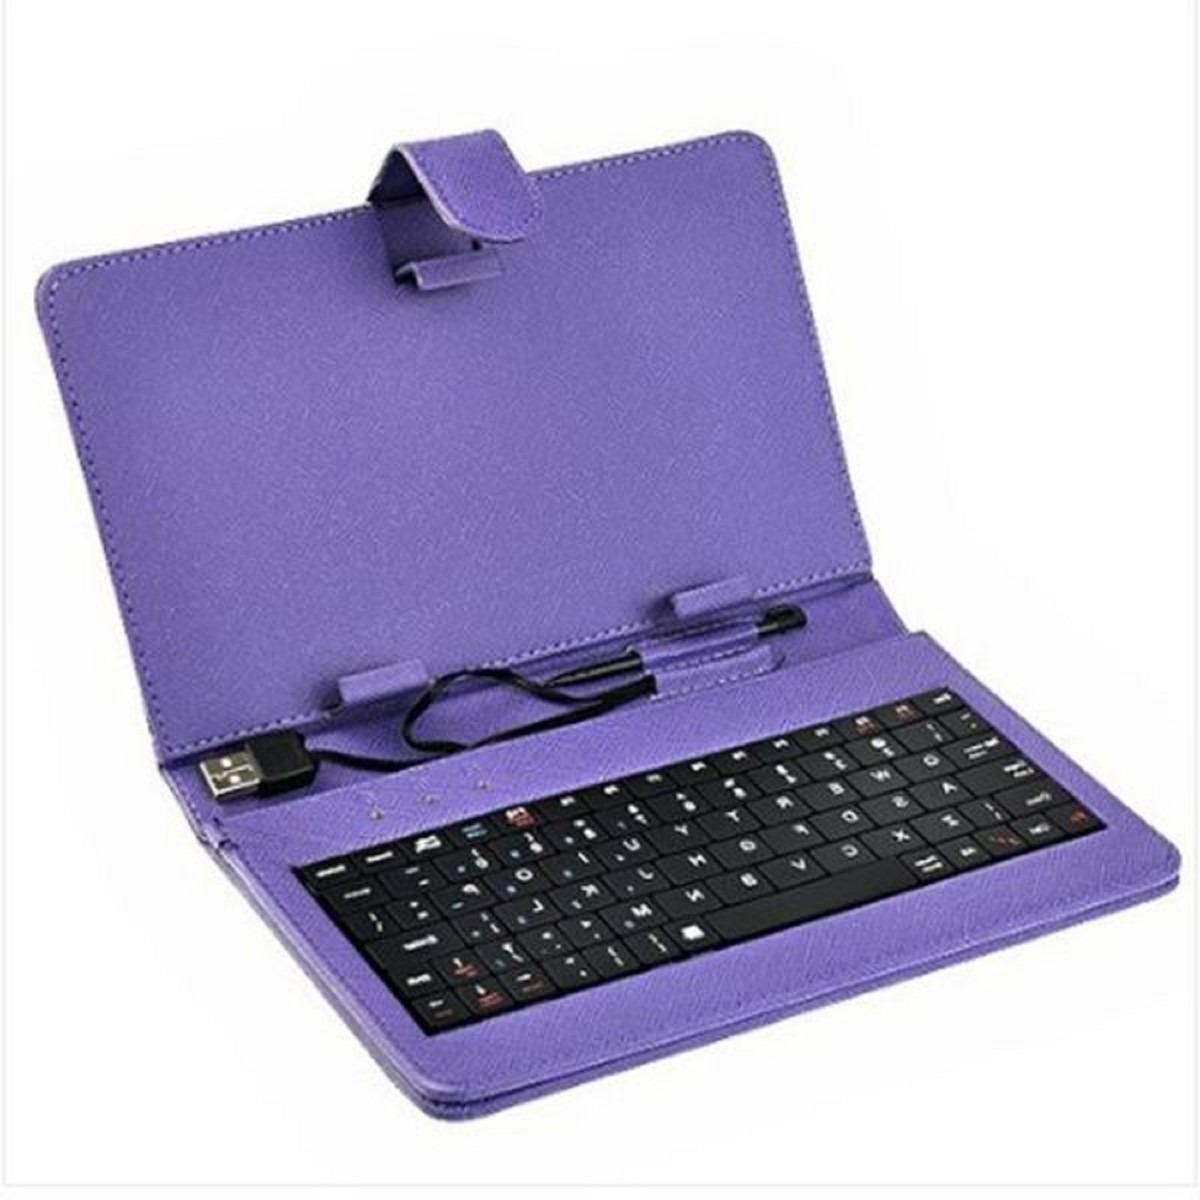 Funda con teclado usb para tablet 8 pulgadas stylus qwerty en mercadolibre - Funda tablet con teclado 7 ...